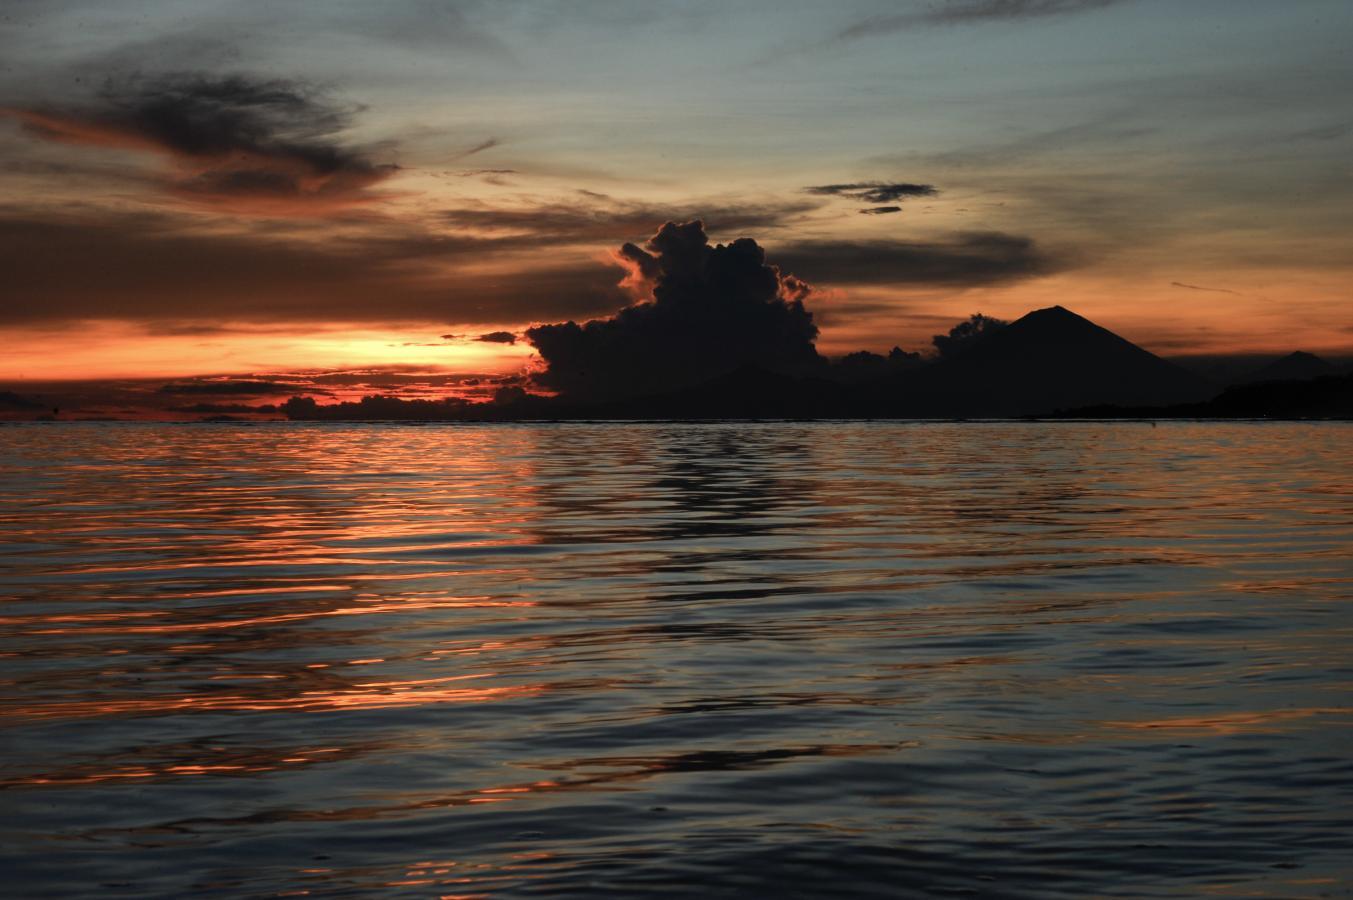 sunset-at-gili-air-2010